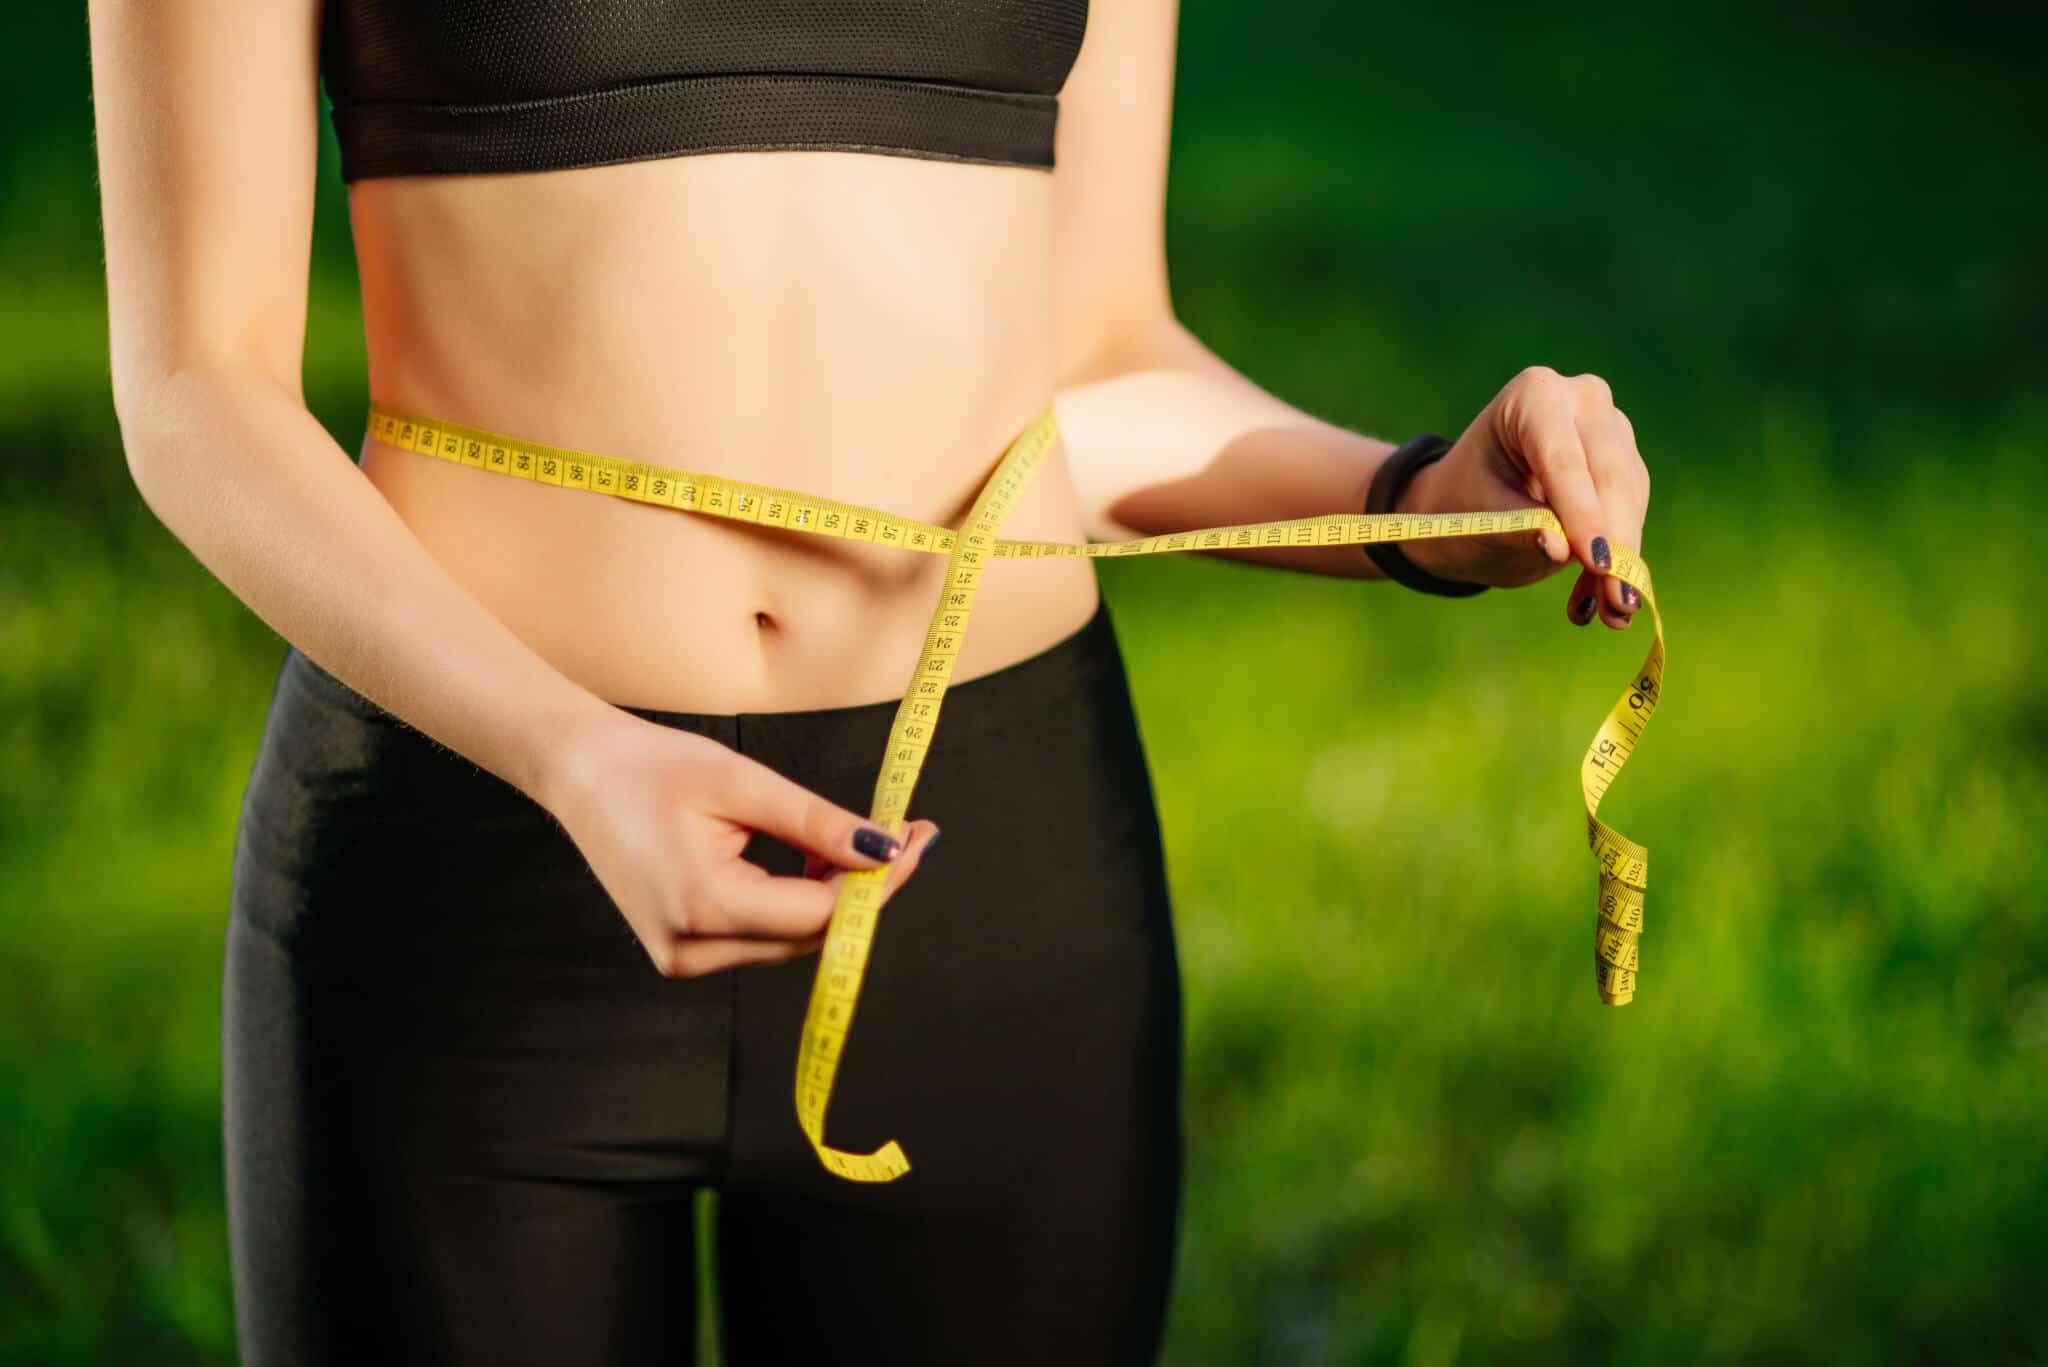 puteți izola pierderea de grăsime 2020de kilograme și vrei să slăbești